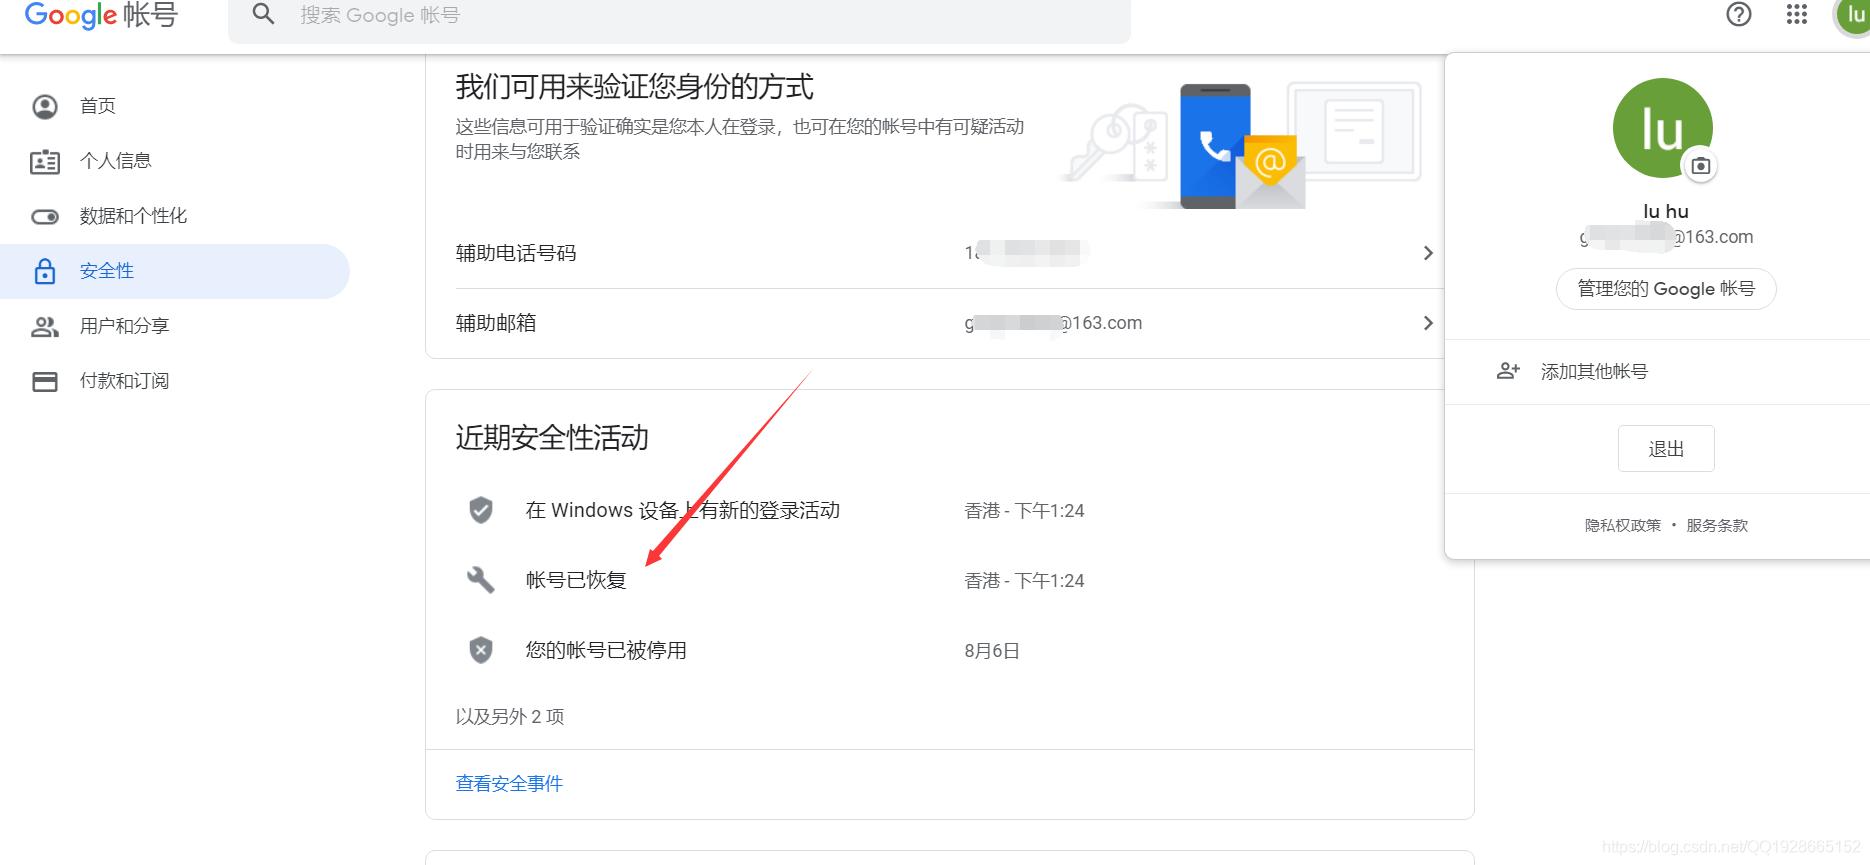 登陆谷歌账号异常手机号无法验证